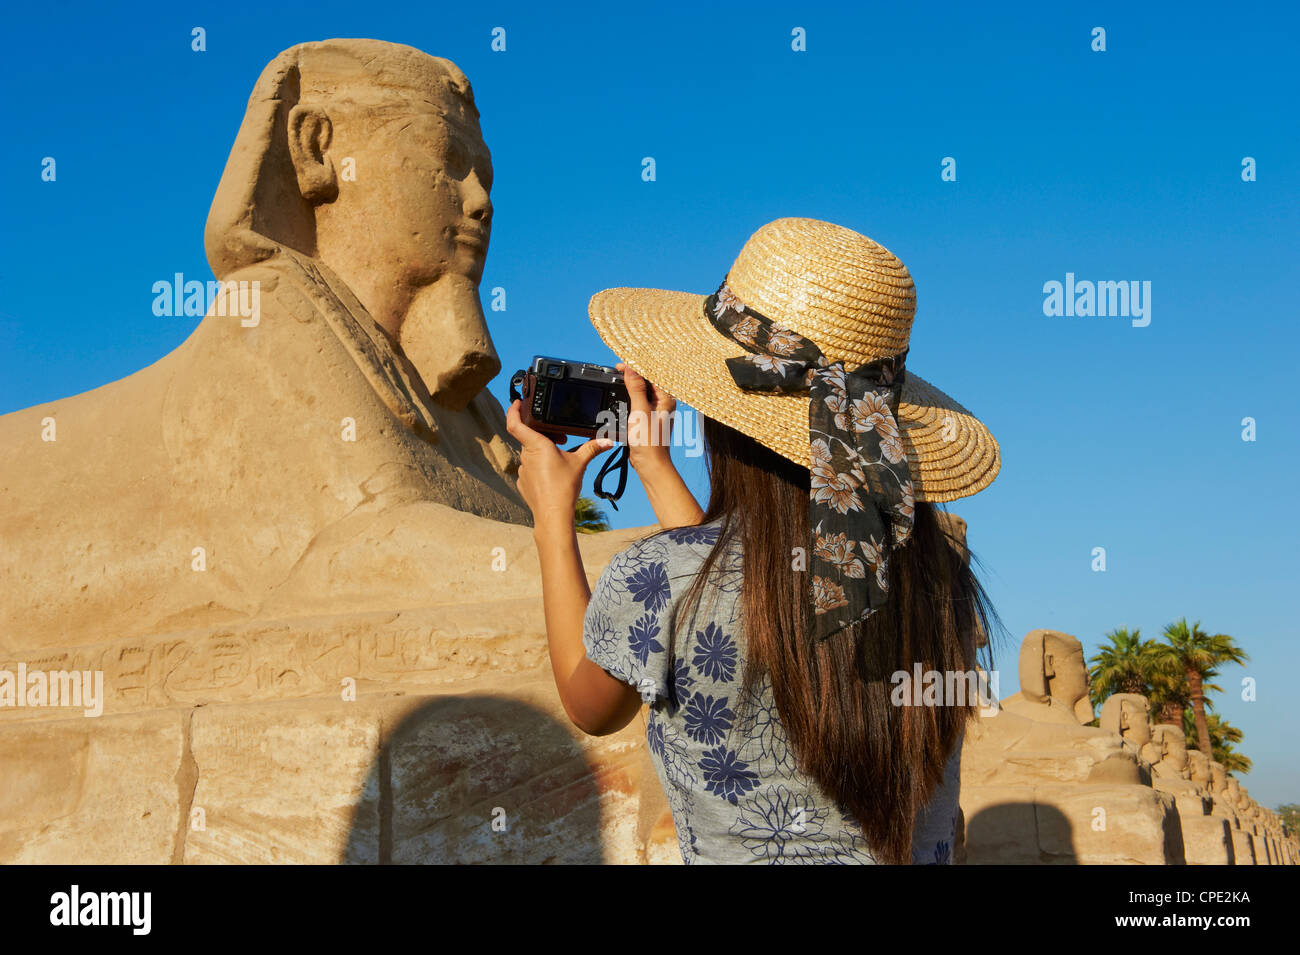 Turistica prendendo una foto sul percorso della Sfinge, Tempio di Luxor, Luxor, Tebe, Sito Patrimonio Mondiale dell'UNESCO, Immagini Stock